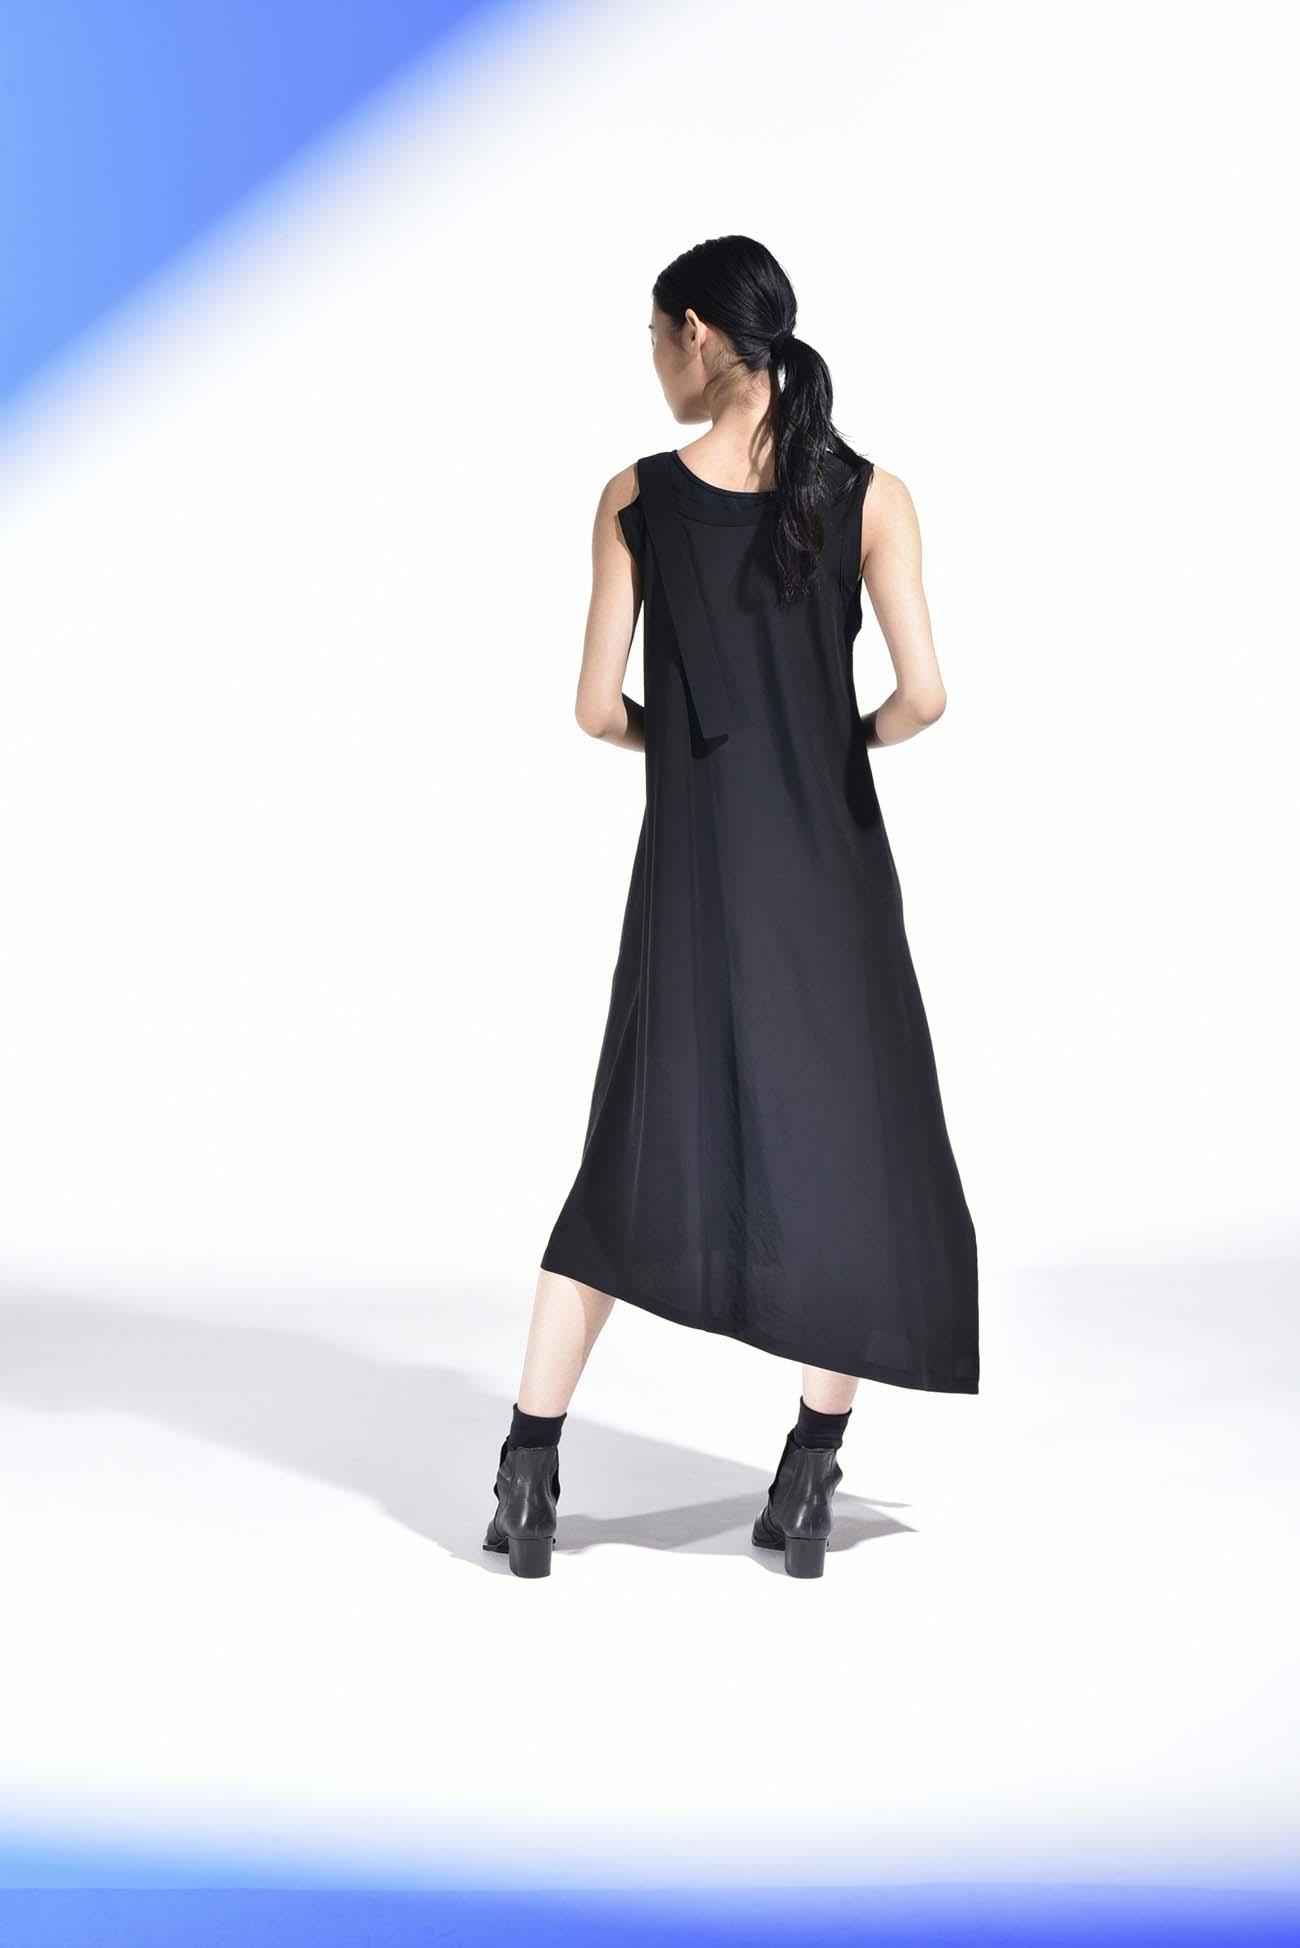 复古风情不对称设计连衣裙